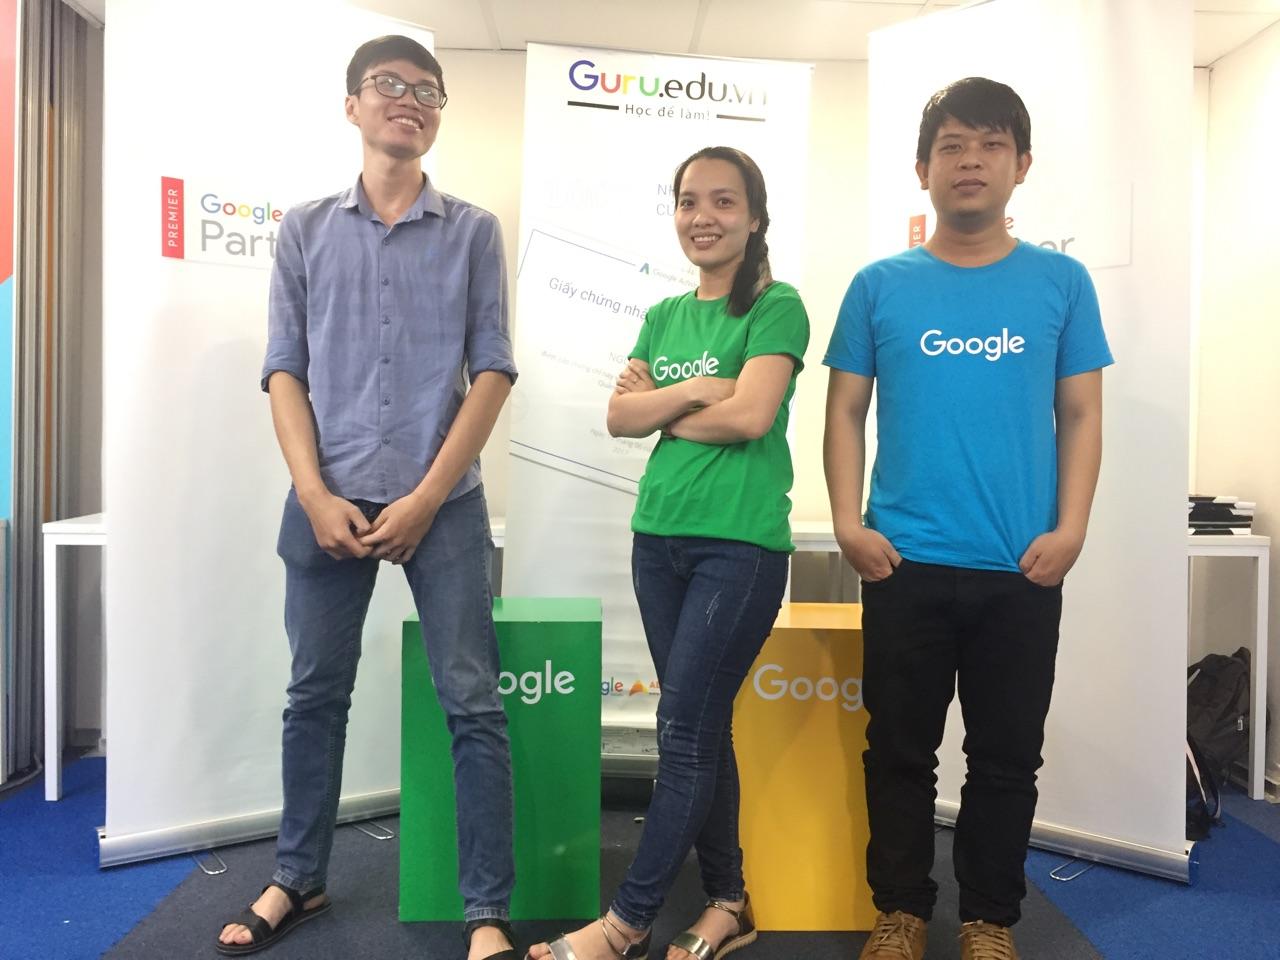 """Chuyên mục """"Khoe"""" hình học viên của Guru khóa Google Search GS12 tại Tp.Hcm ,Khóa Google Adwords Search GS12 khai giảng ngày 18/9/2017 tại TP.HCM với 25 Học viên tham dự."""